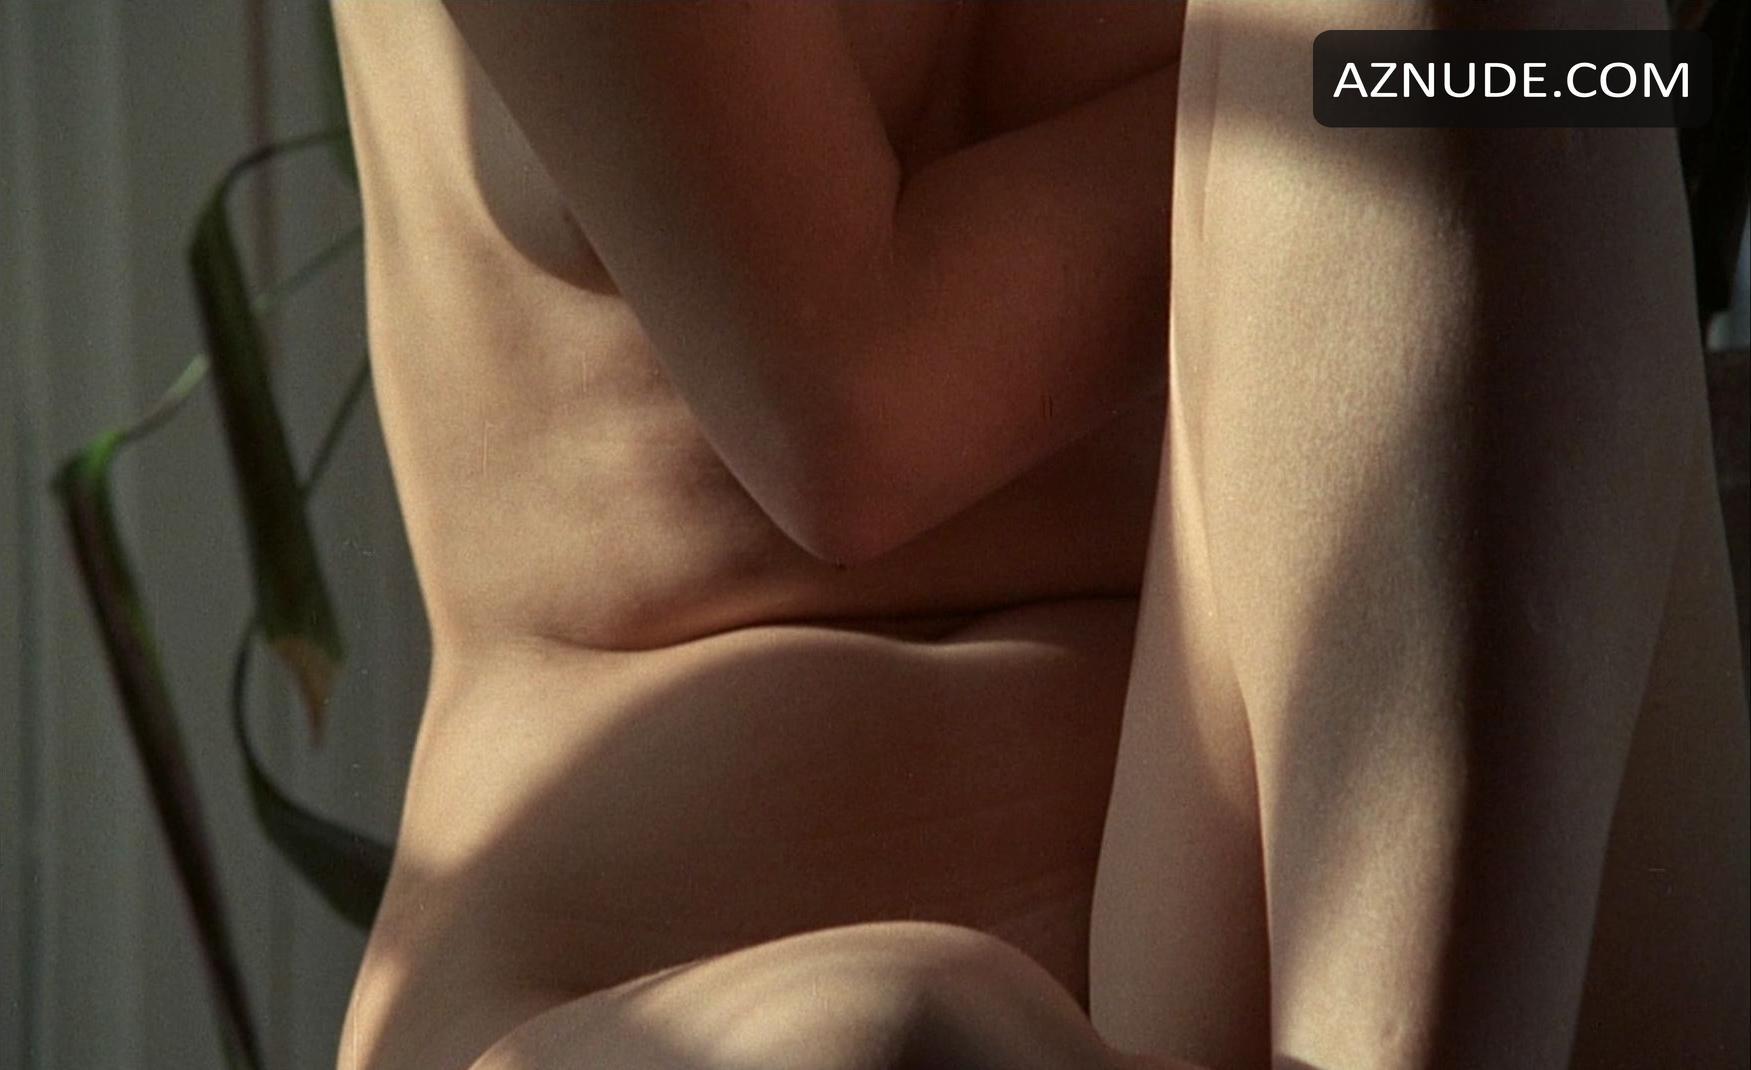 mujeres desnudas y sexis videos